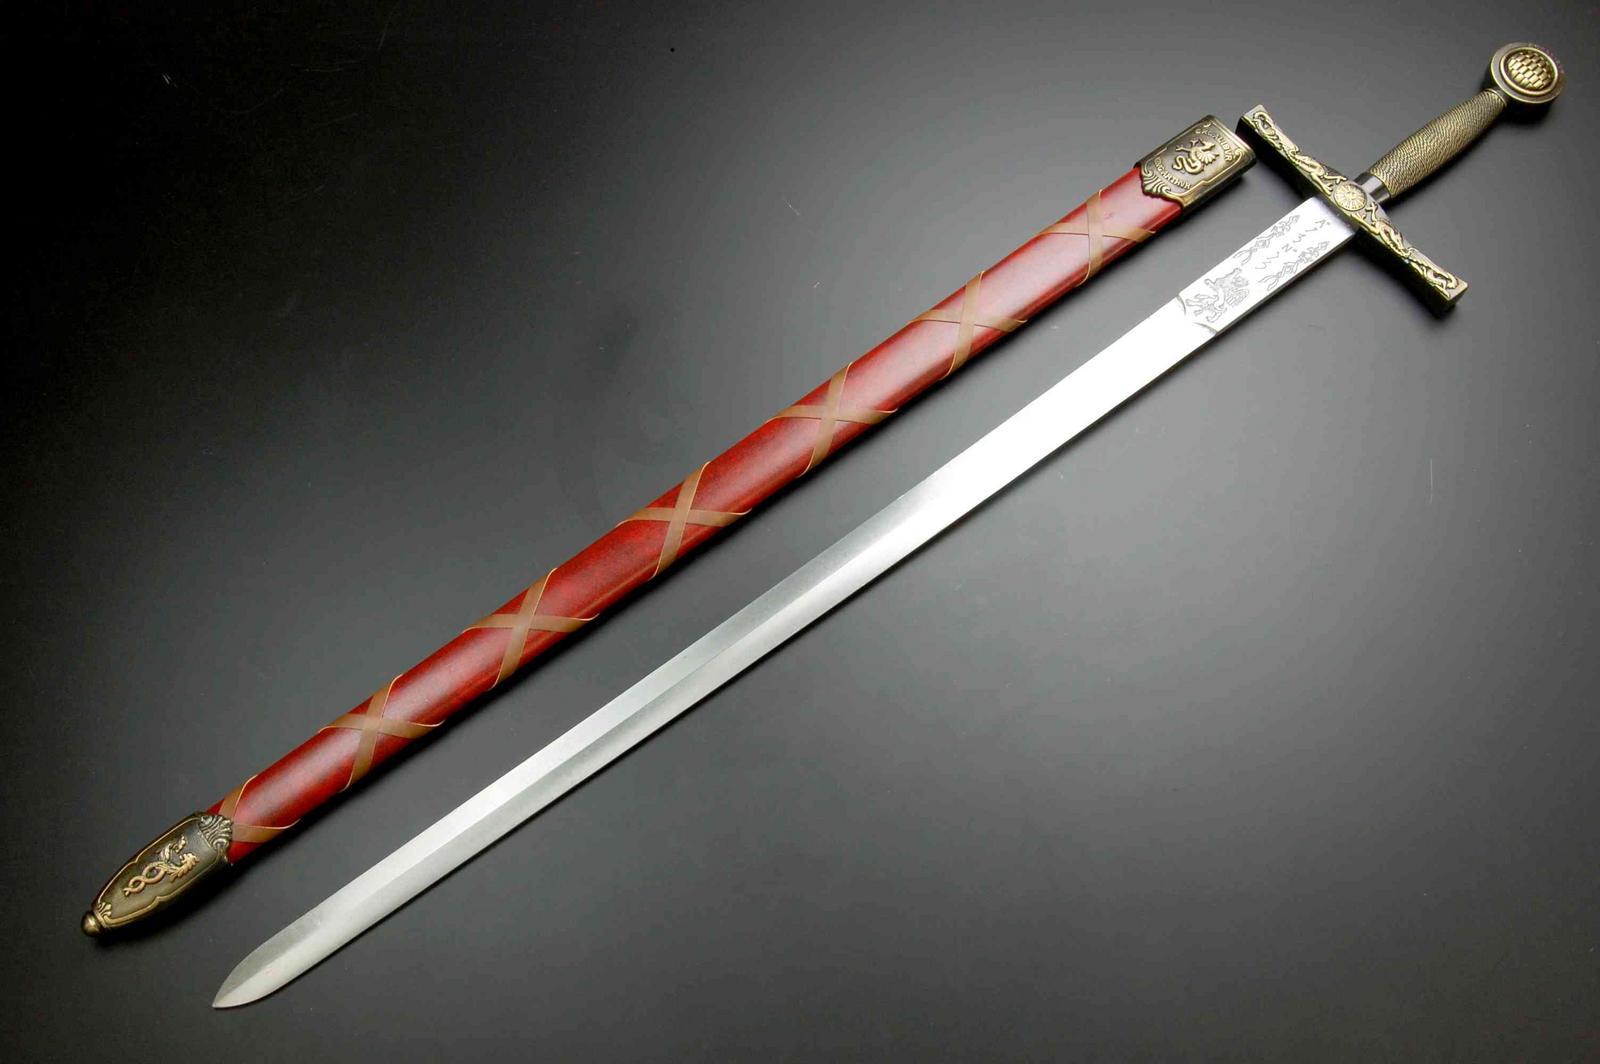 剑_denix (denics) 亚瑟王神剑剑黄金 (4170 l)